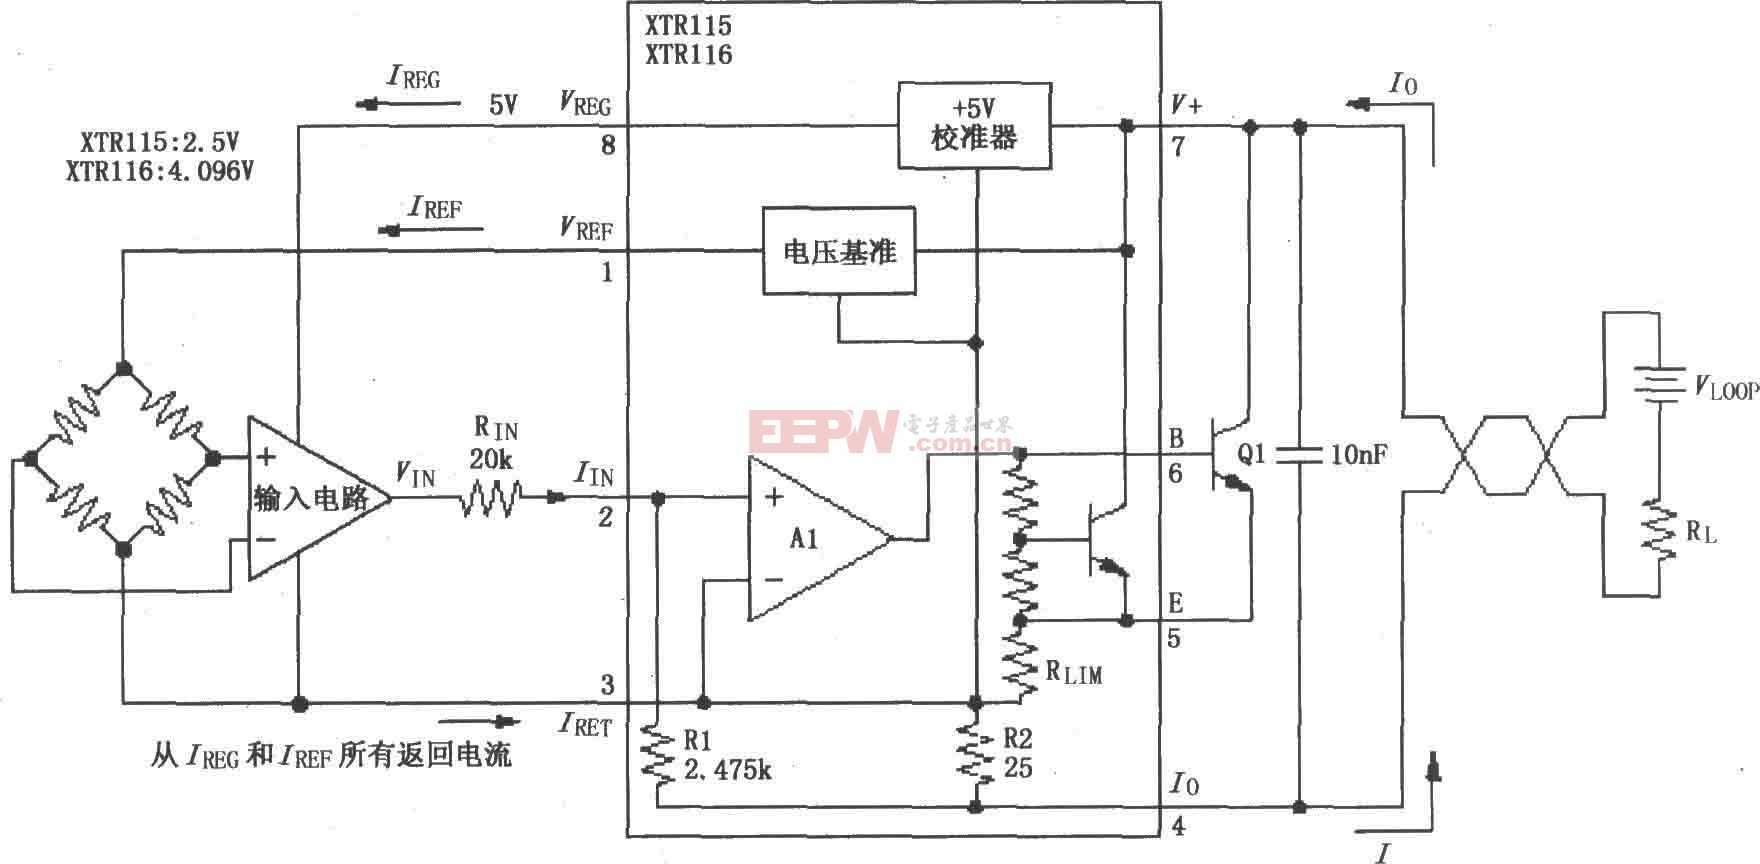 XTR115/116基本连接电路图